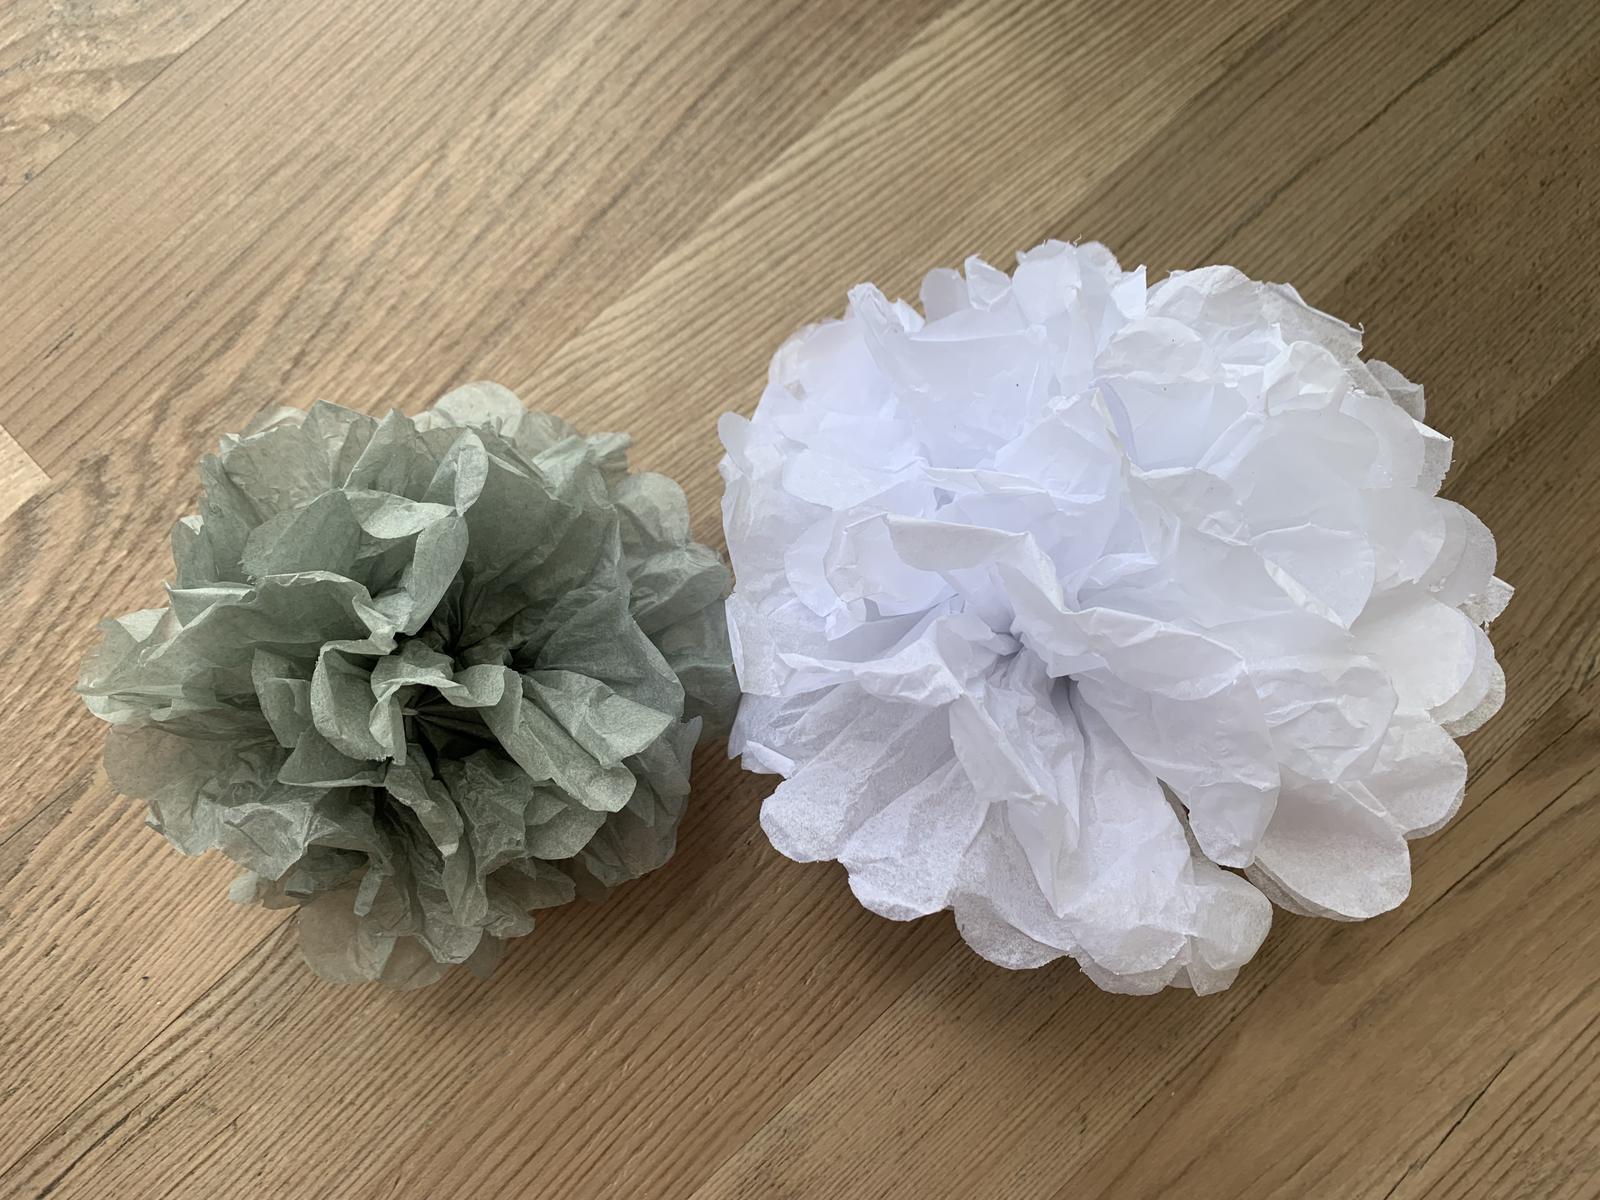 Bílé a šedé pompomy - vhodné jako svatební dekorace - Obrázek č. 1